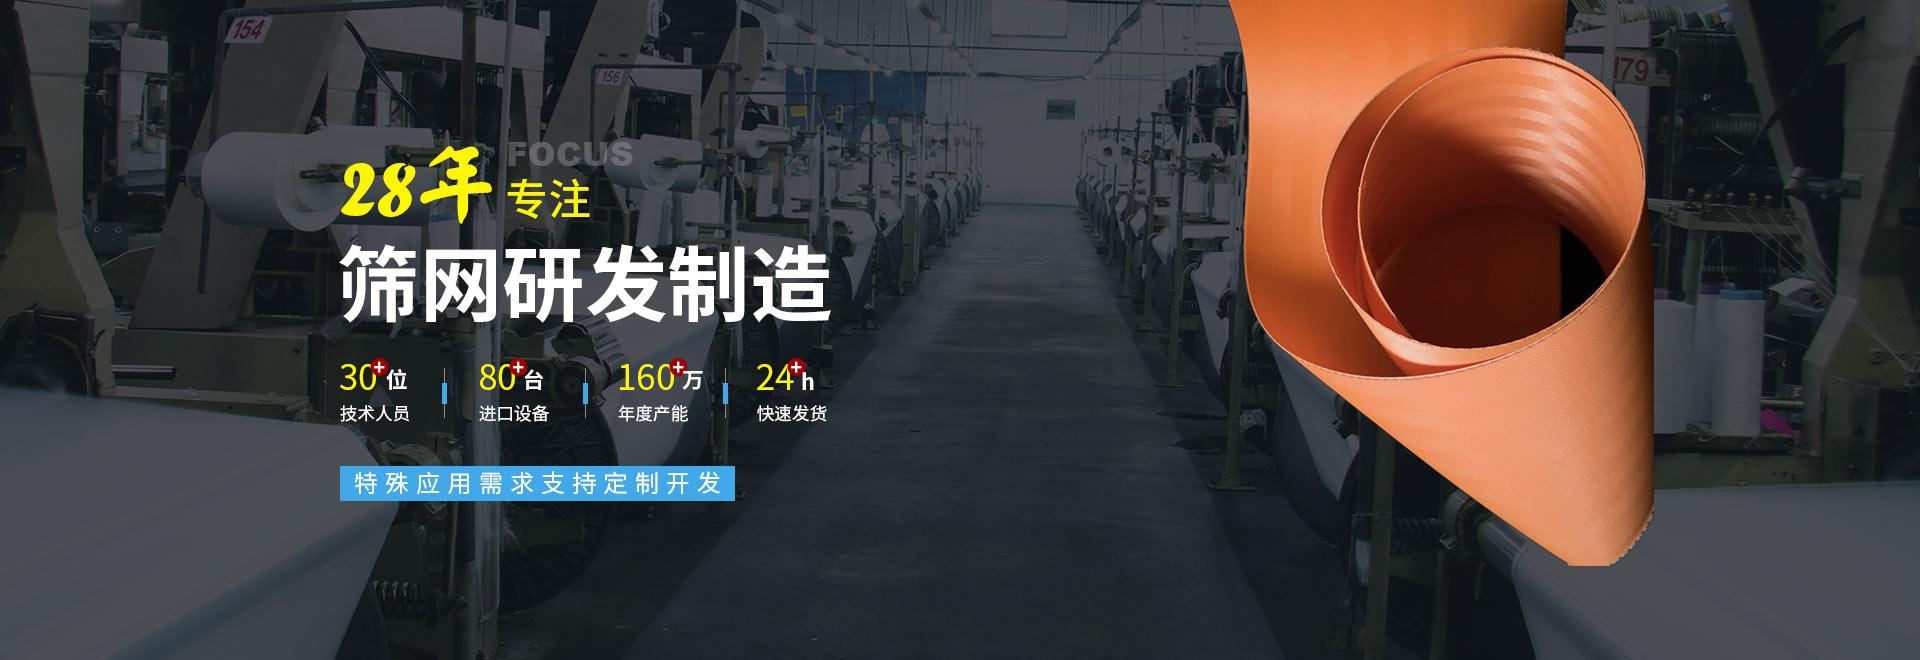 旭瑞网业 28年来只专注筛网研发制造 30多位技术人员 80余台进口设备 160万年产能  快至24小时发货